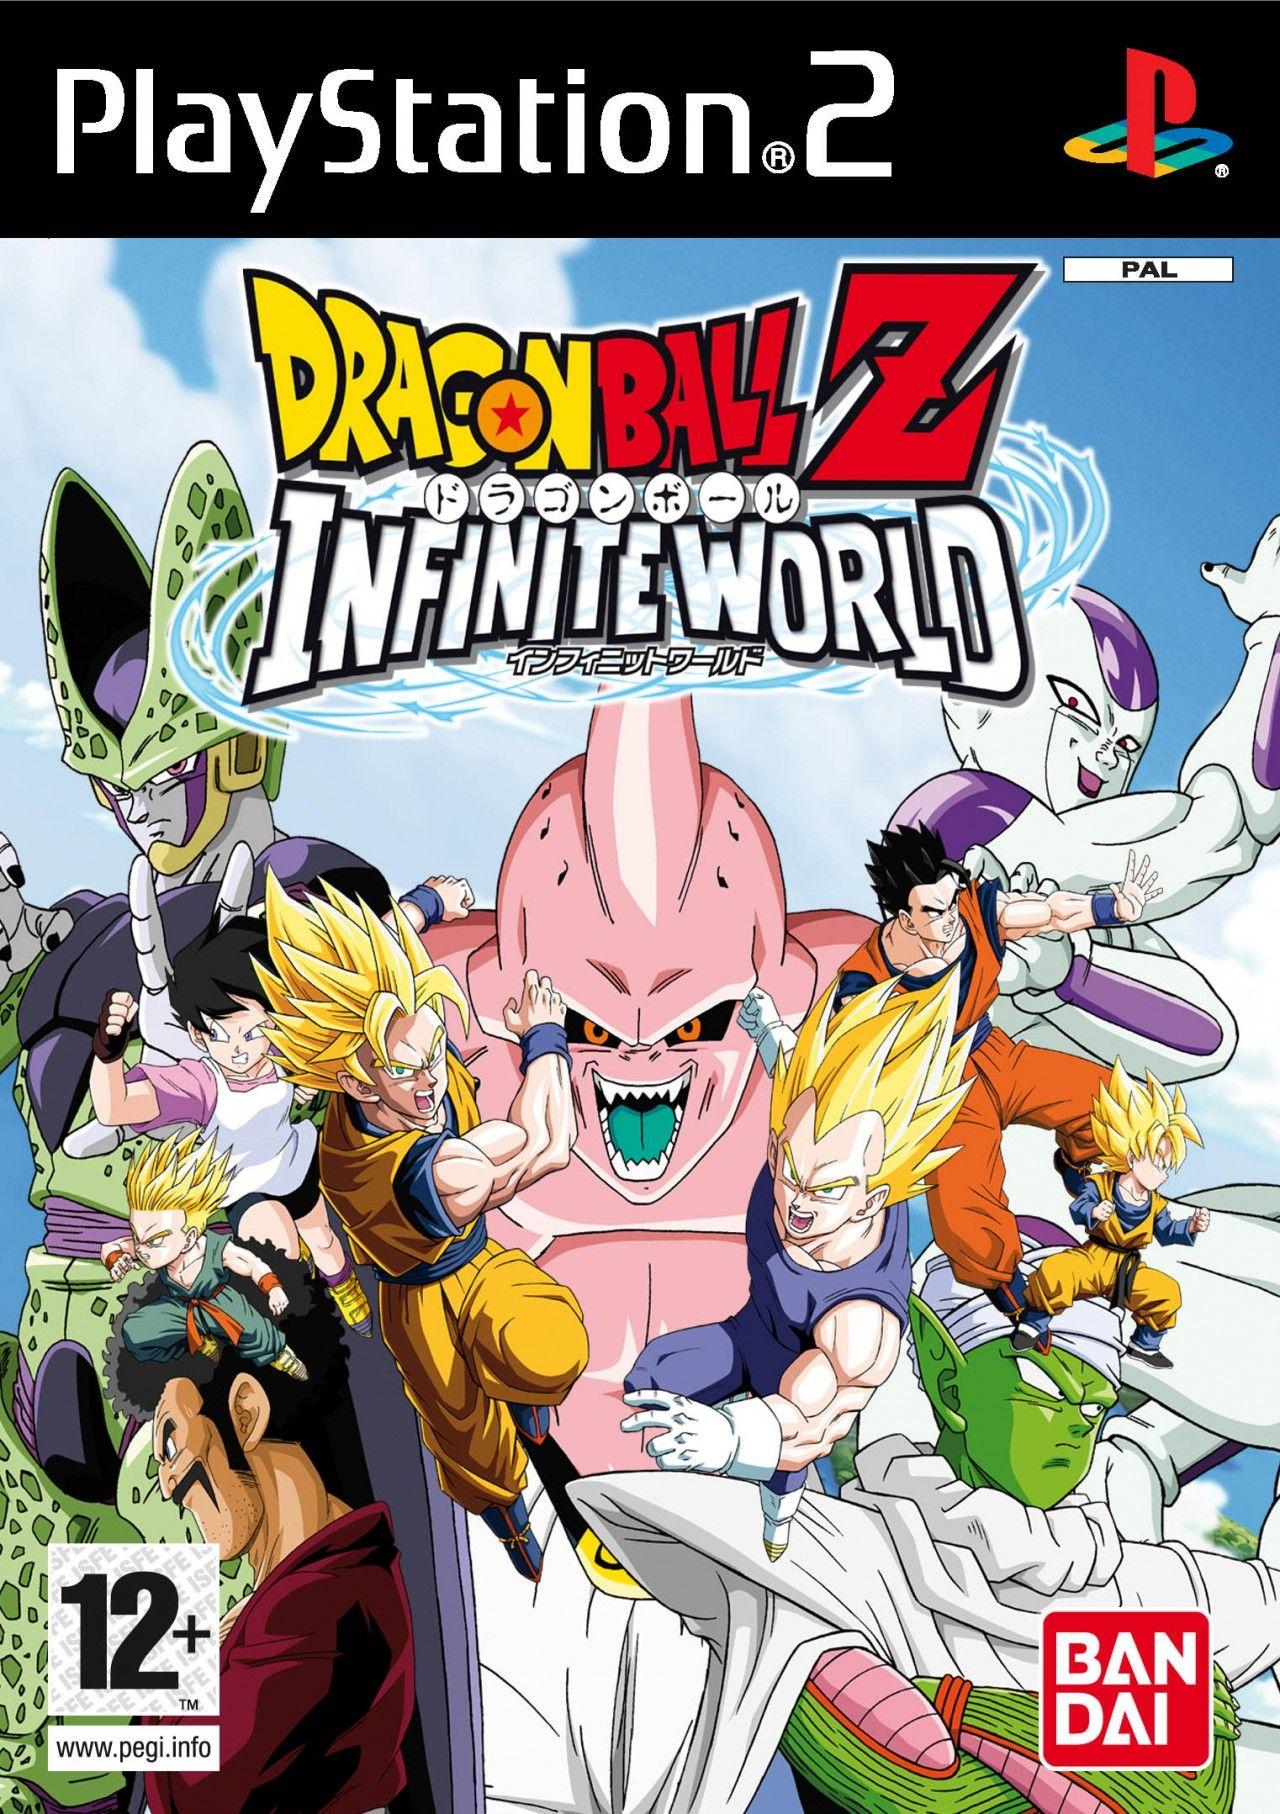 Dragon Ball Z Infinite World Personajes De Dragon Ball Videojuegos Clásicos Descargar Juegos Para Pc